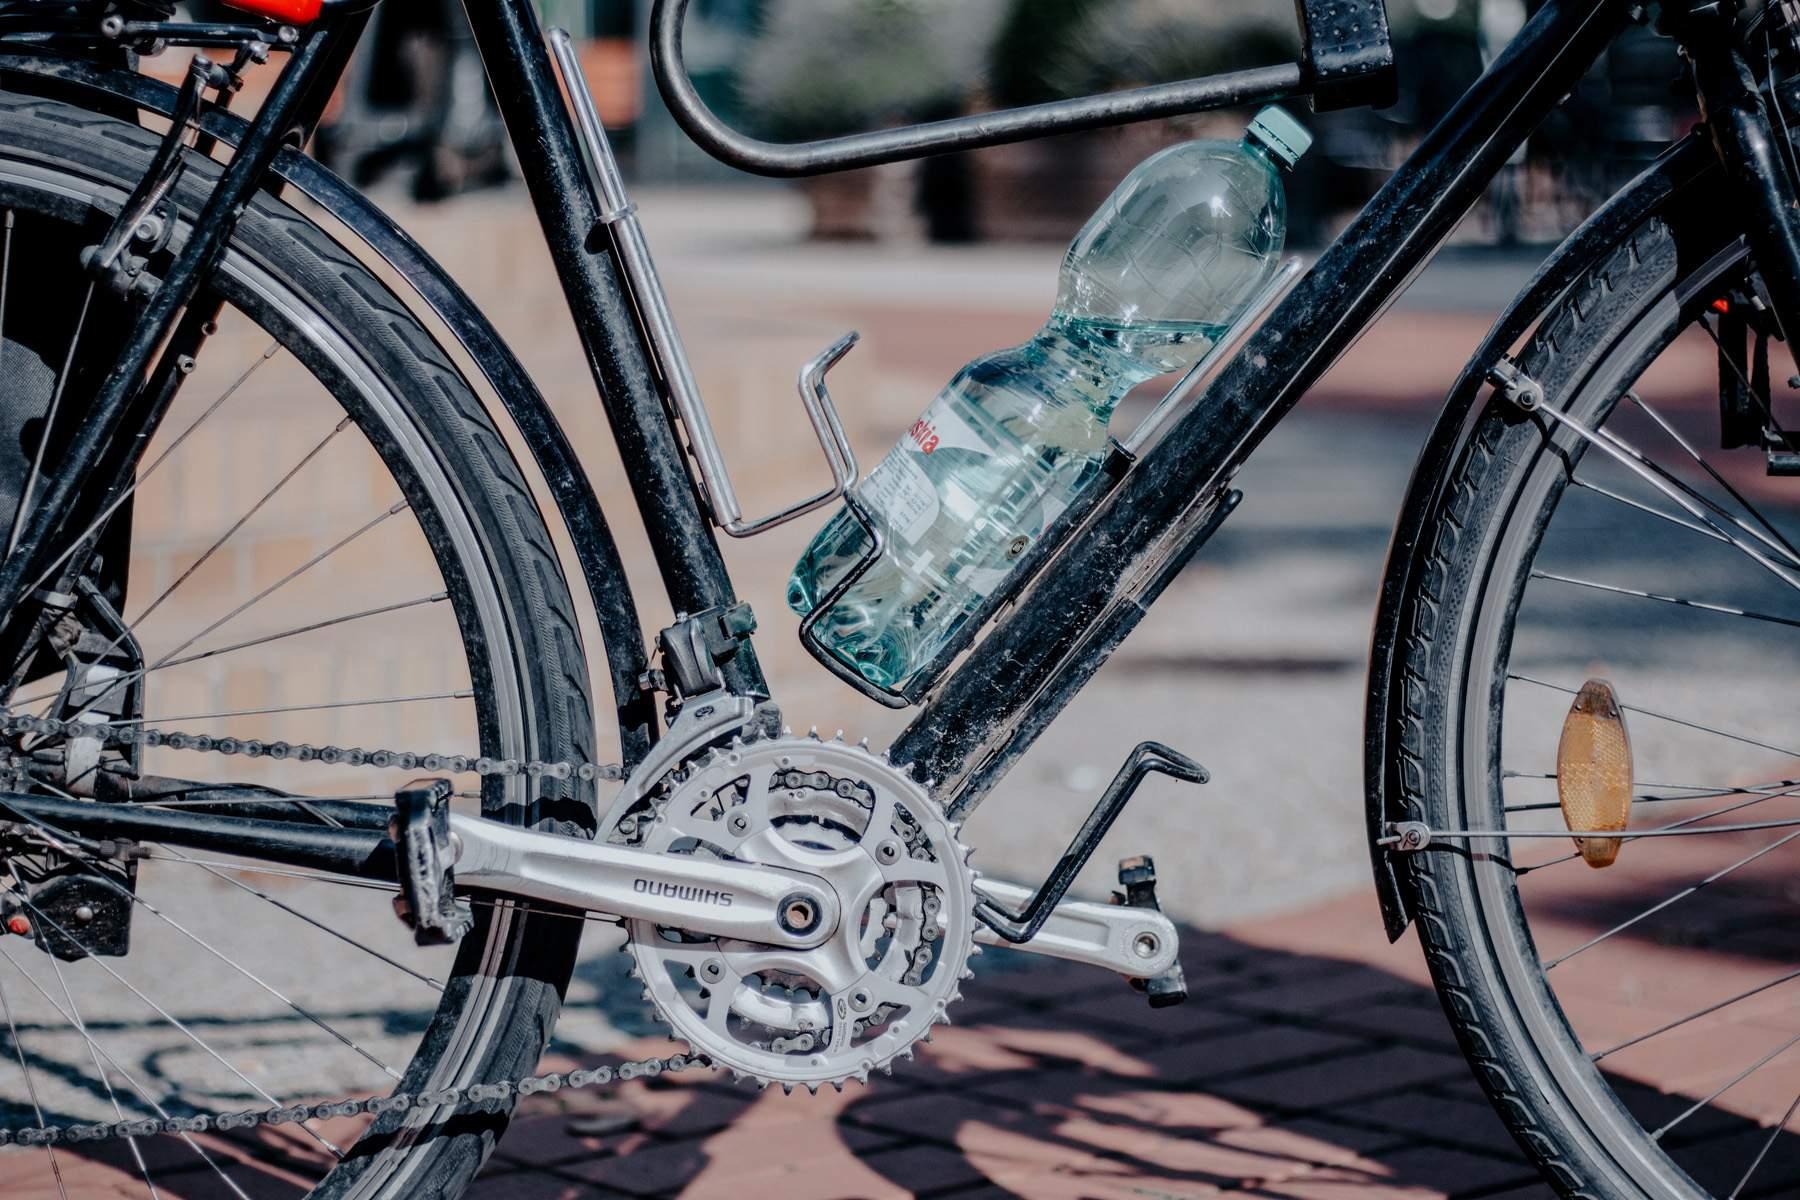 Thorsten Gieefers Familienhaus Fahrrad Fahrradportrait 2018 Kinderanhänger Fahrrad 6